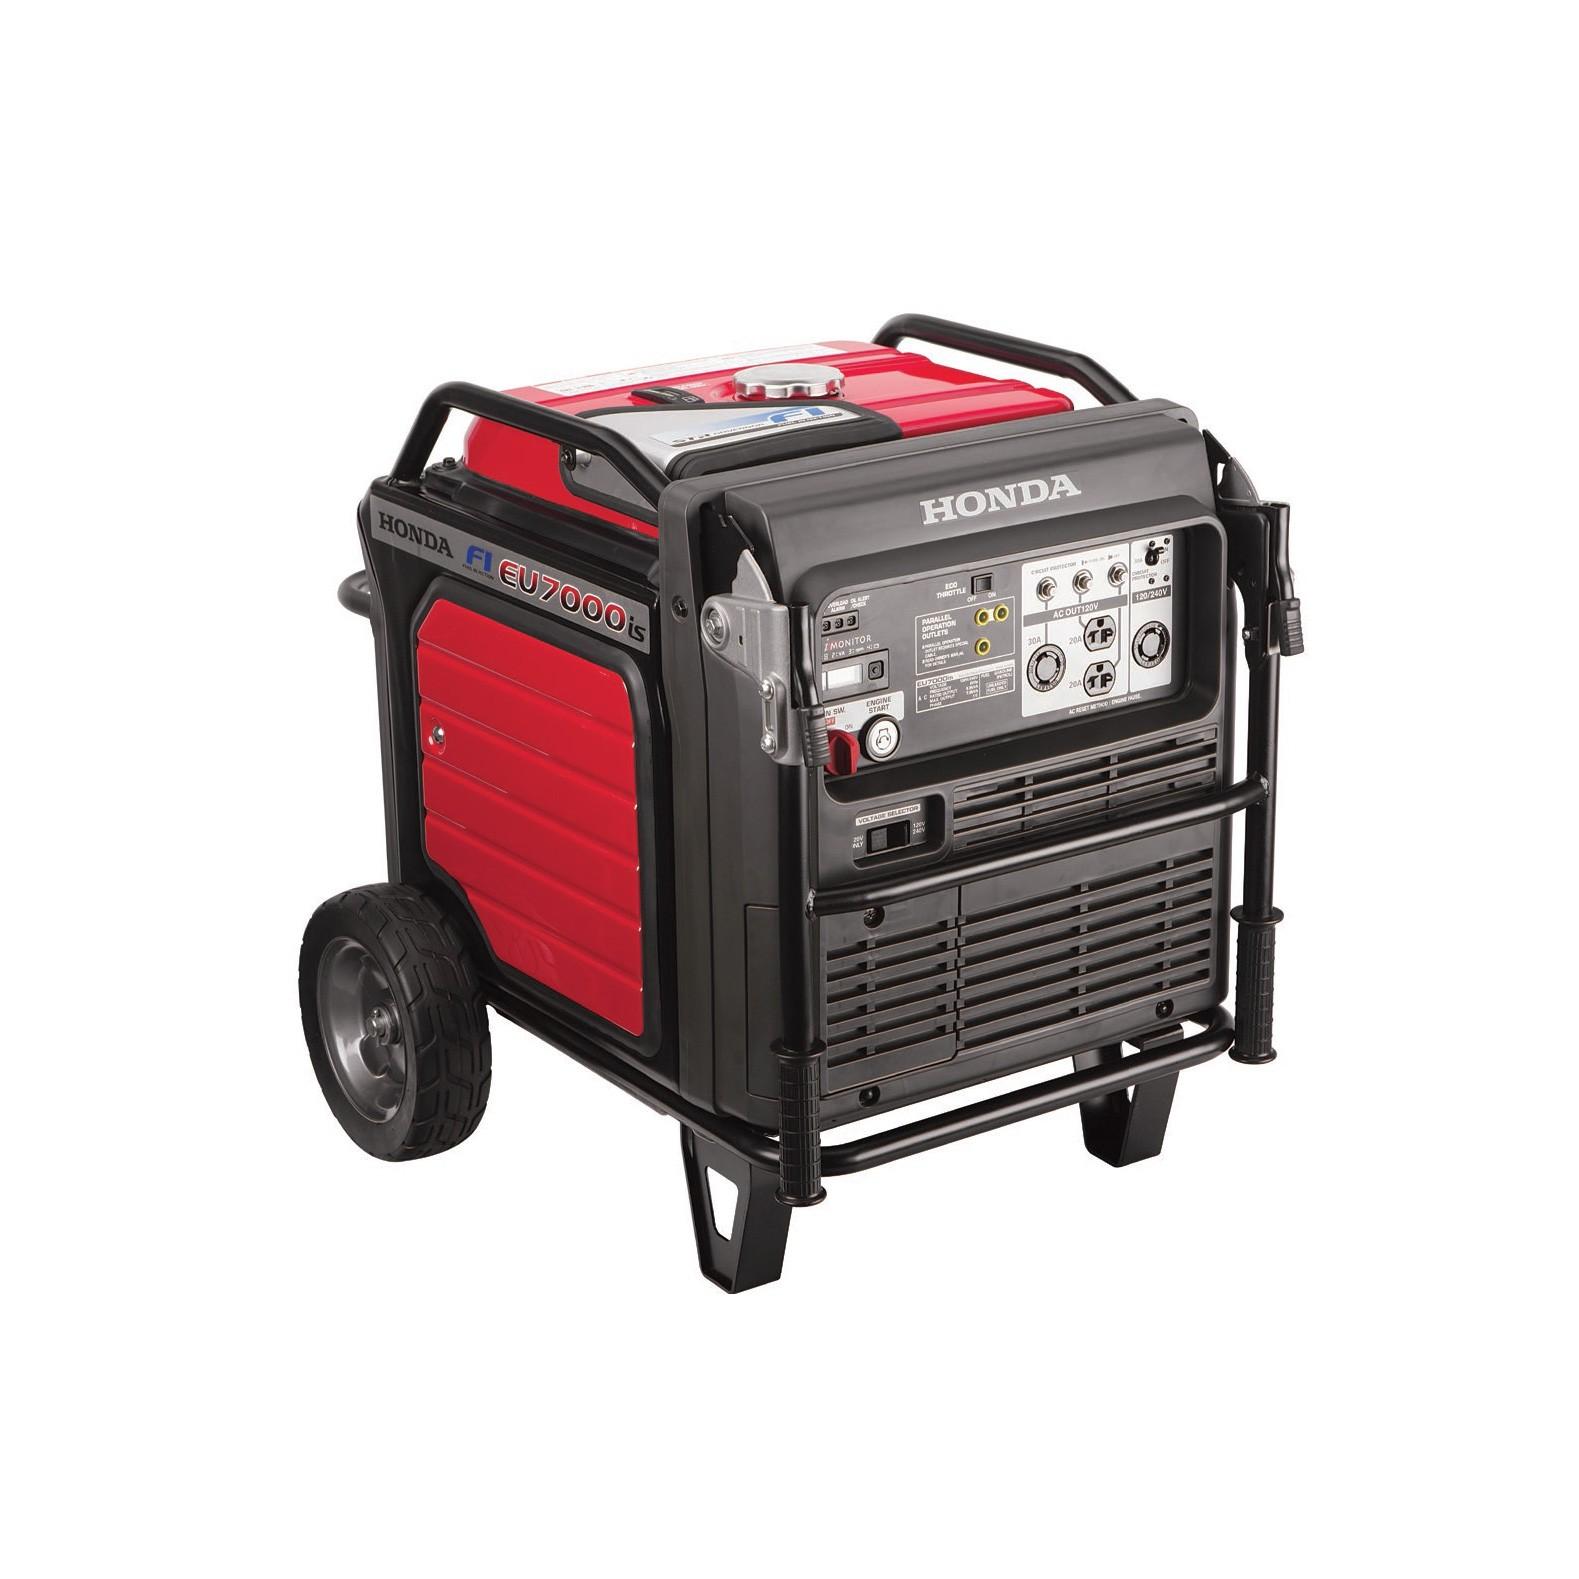 7000W Inverter Generator Fuel Injected Generator